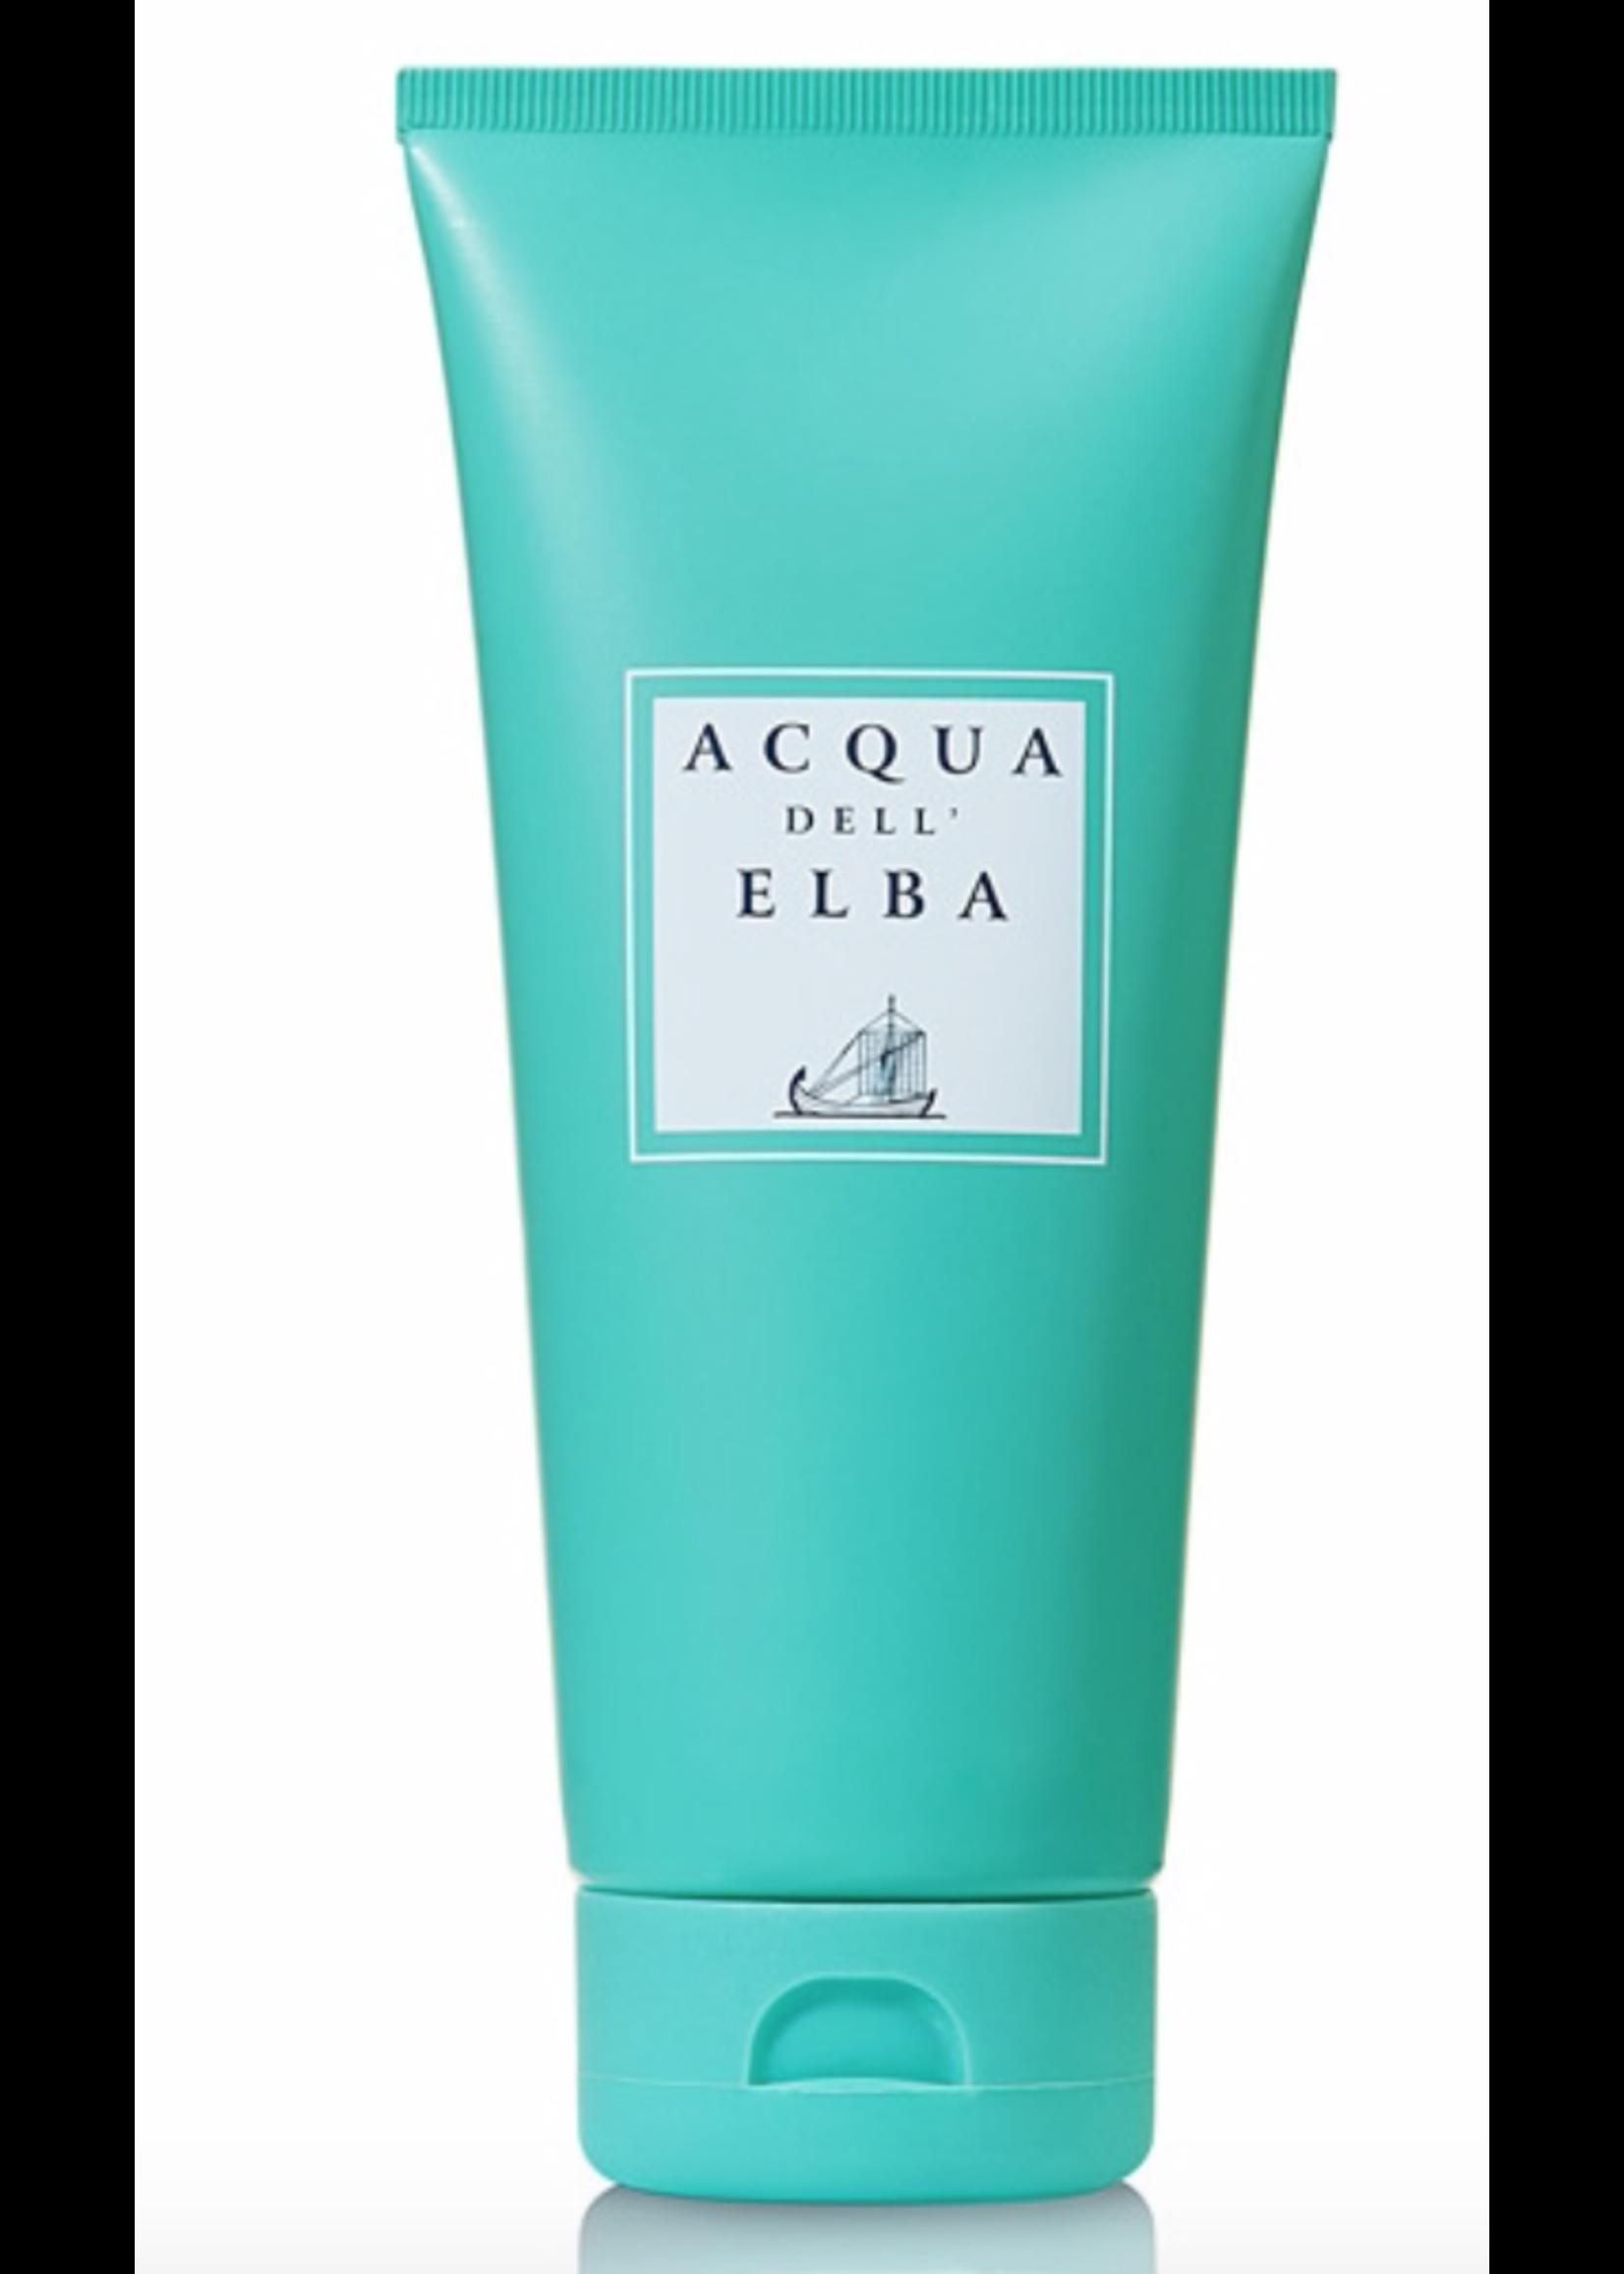 Acqua Dell Elba Acqua Dell' Elba Arcipelago Shower Gel 200ml